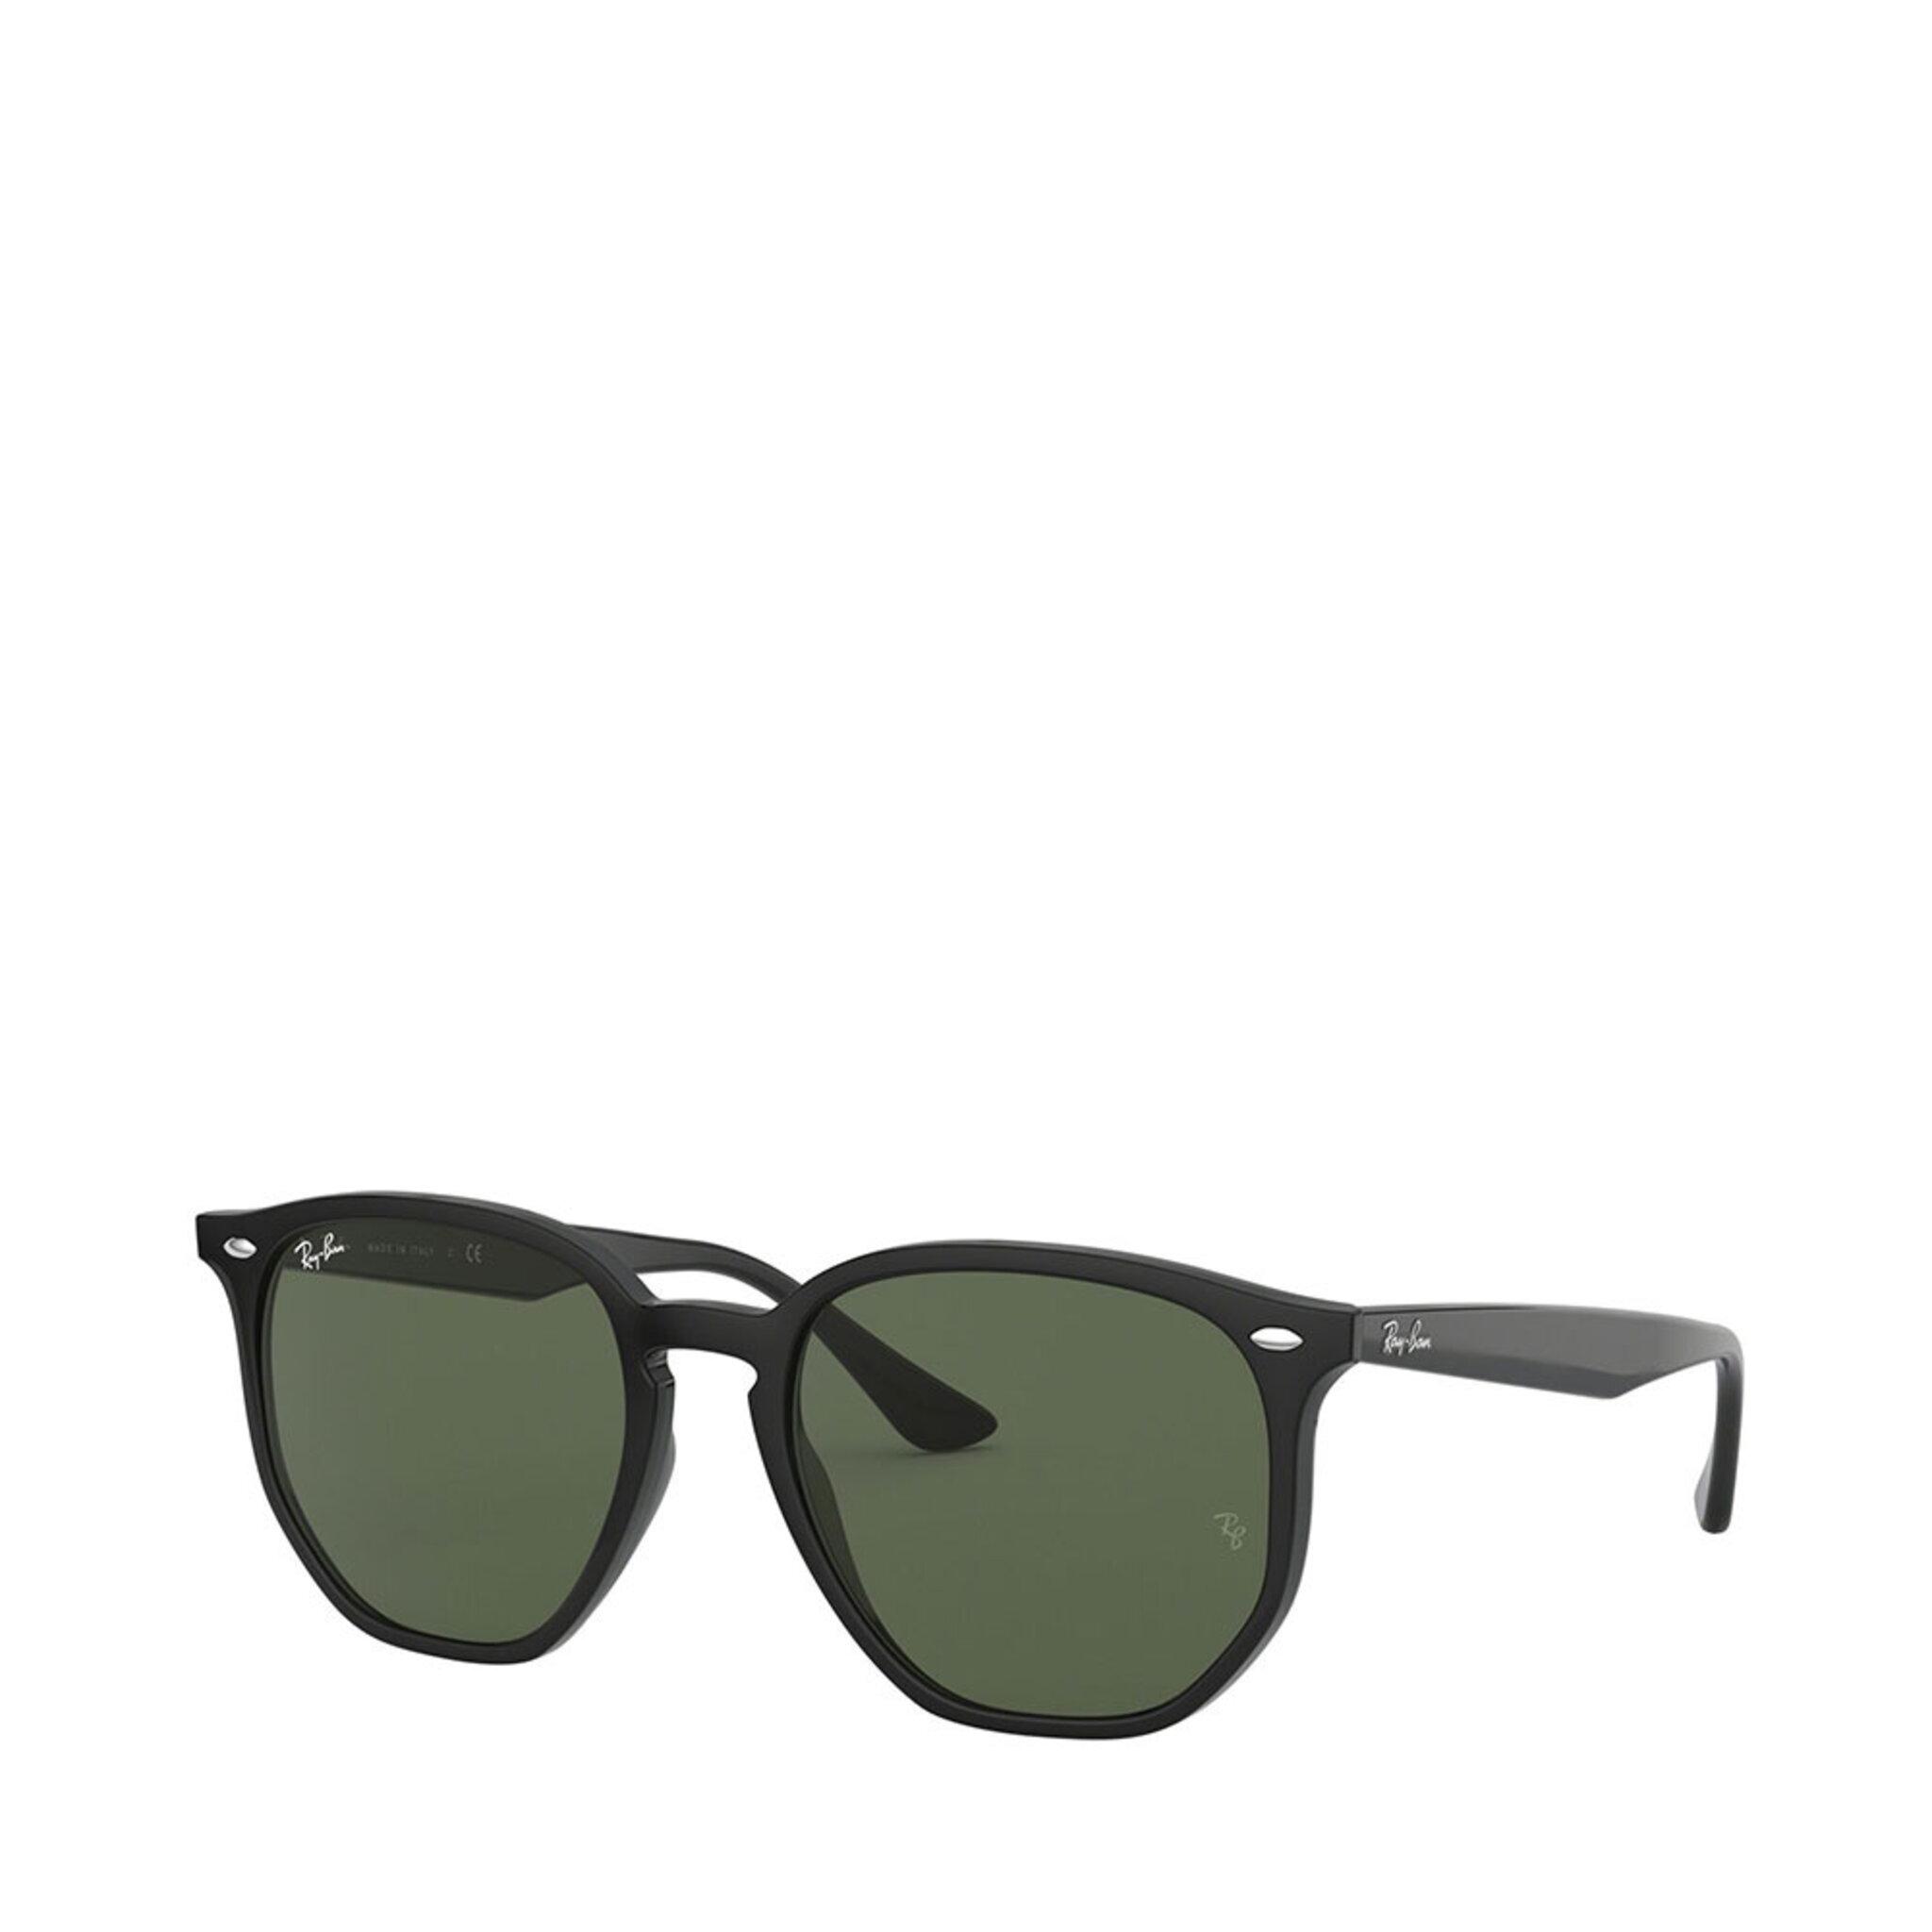 Sunglasses 0RB4306